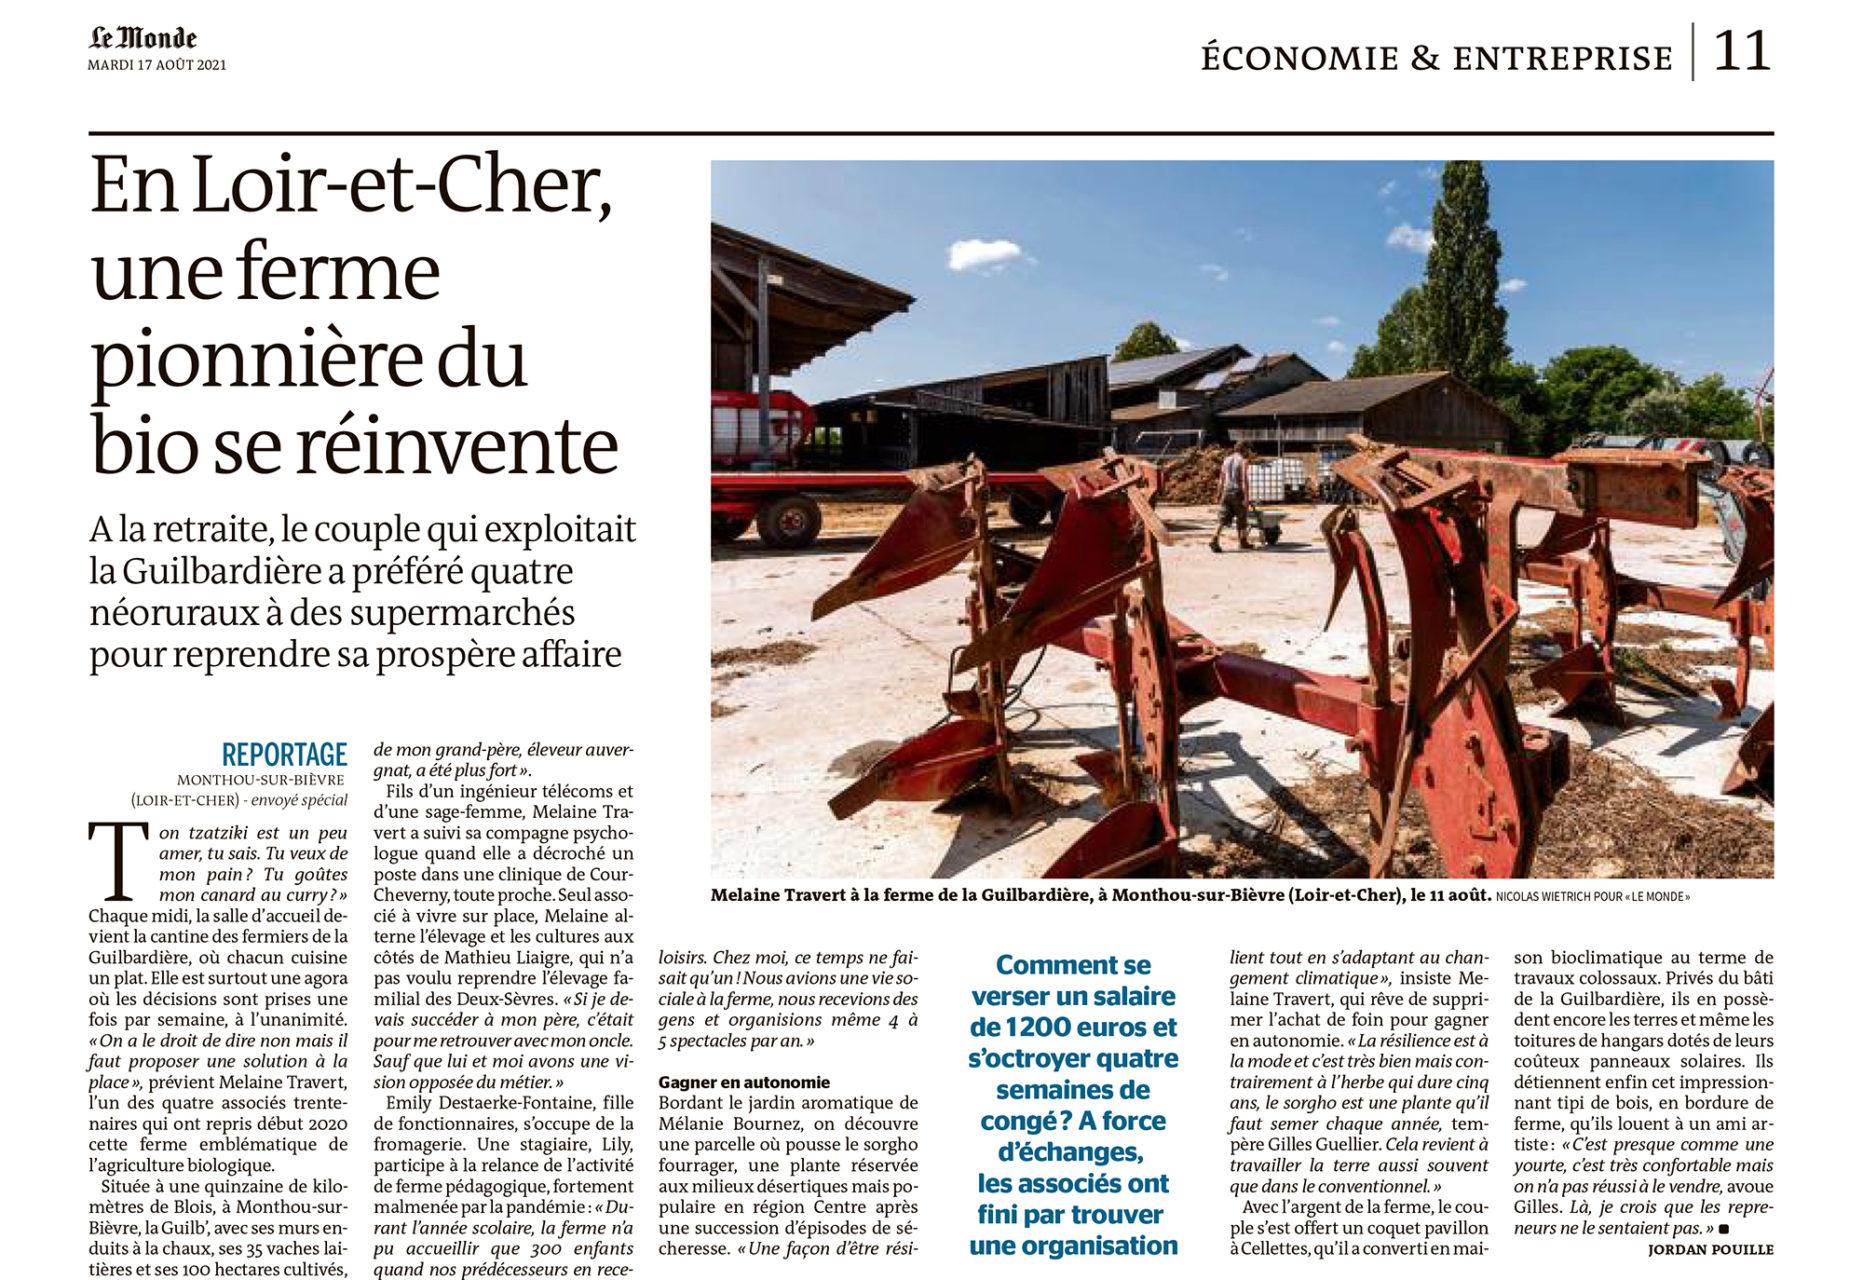 """Parution dans Le Monde du 17 août 2021 : Texte Jordan Pouille. Photo Nicolas Wietrich pour """"Le Monde""""."""